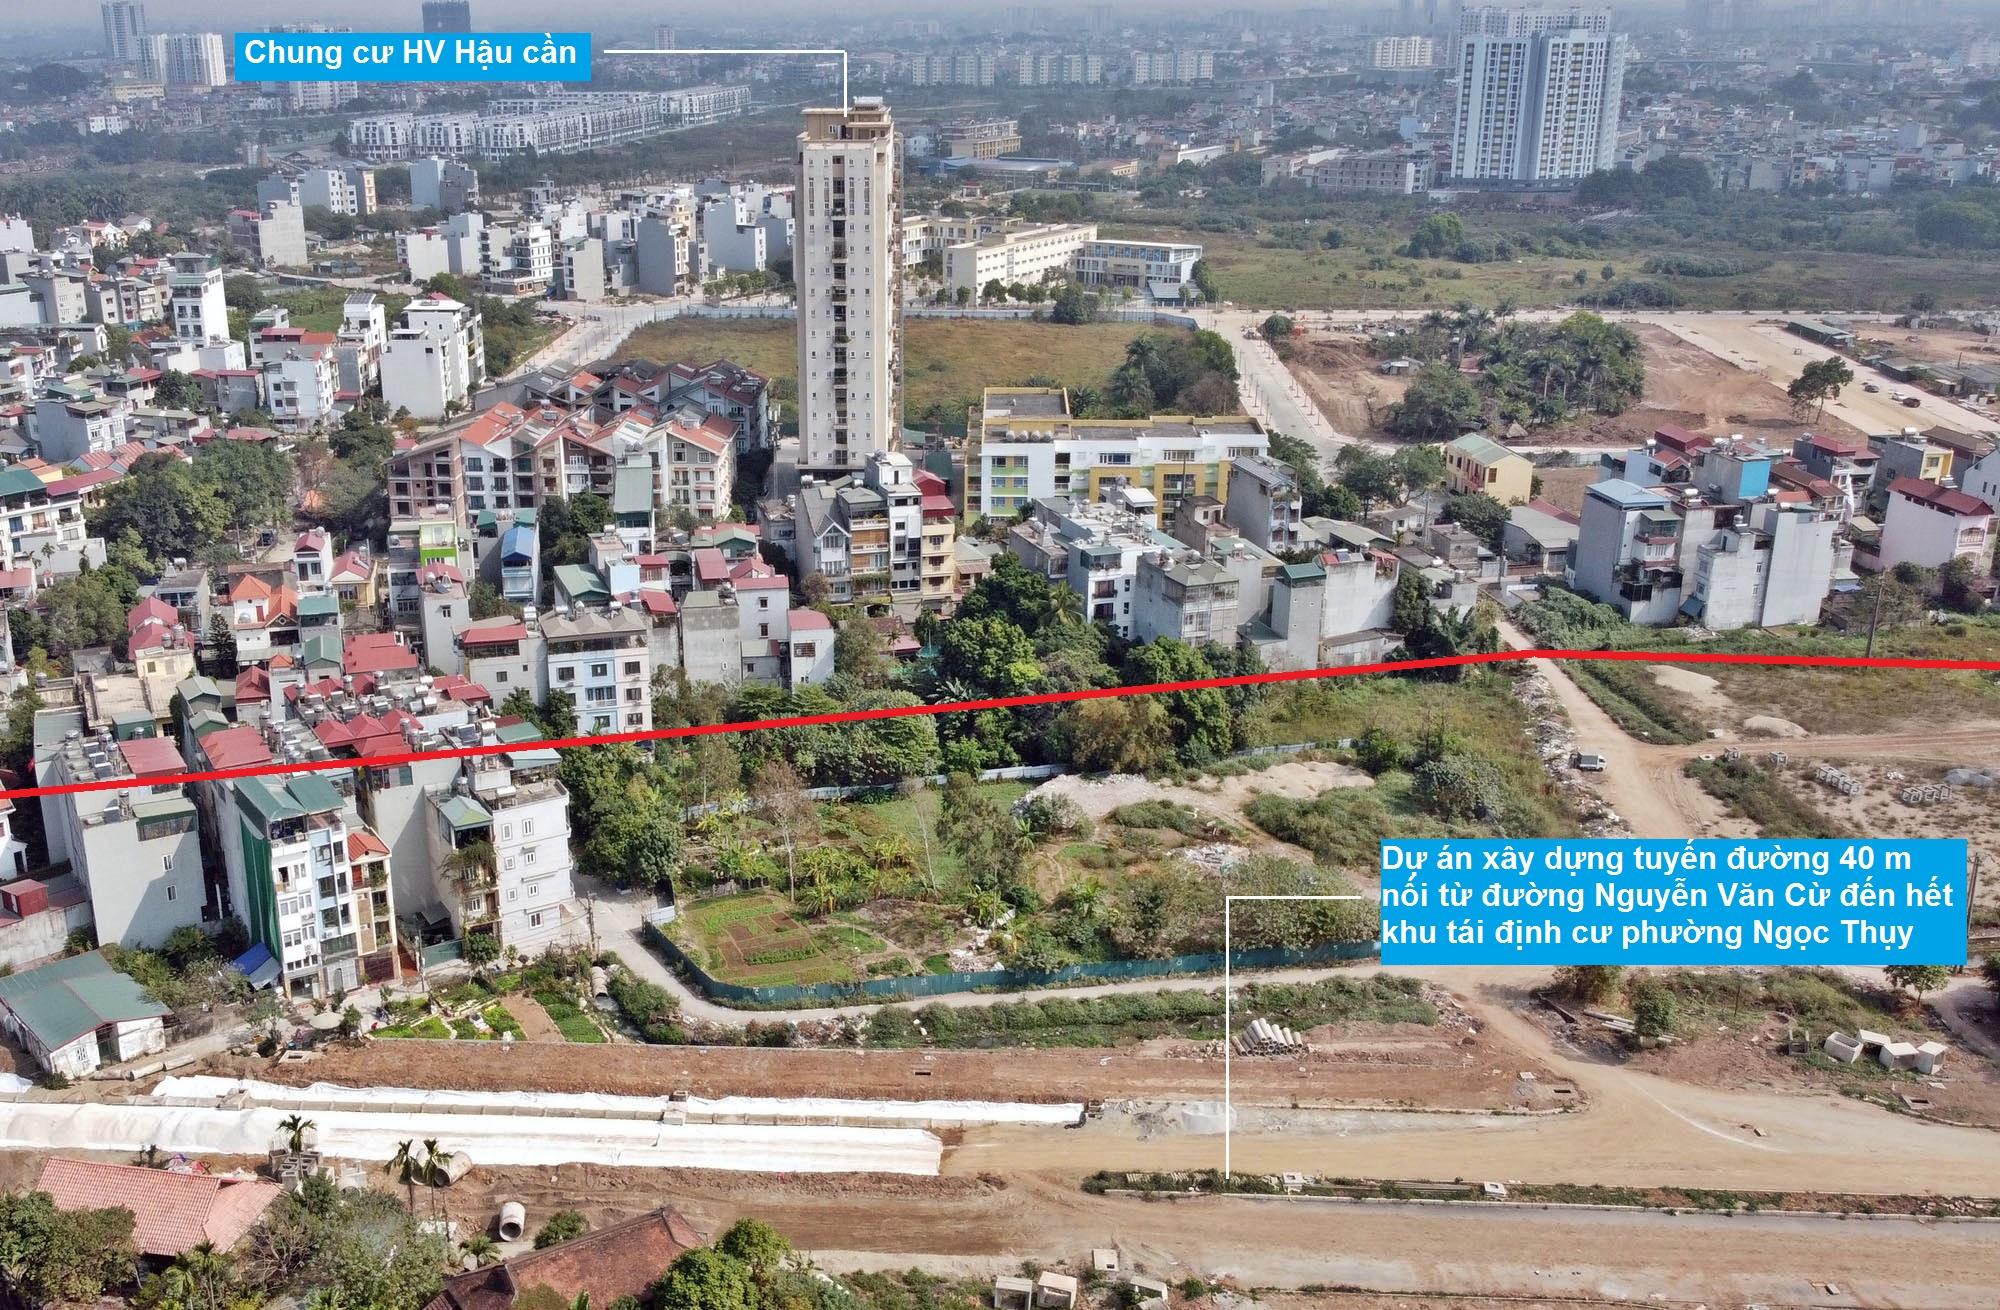 Ba đường mở theo quy hoạch ở phường Ngọc Thụy, Long Biên, Hà Nội (phần 3) - Ảnh 7.